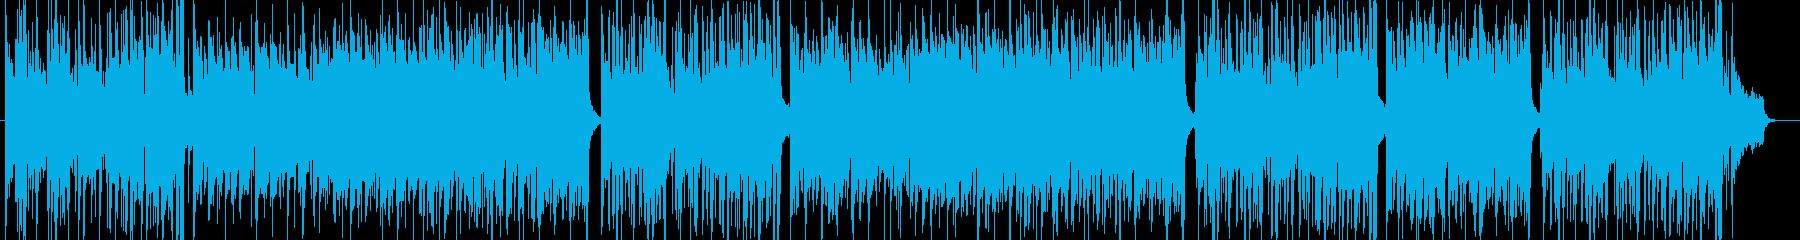 軽快で爽やかな明るい曲の再生済みの波形